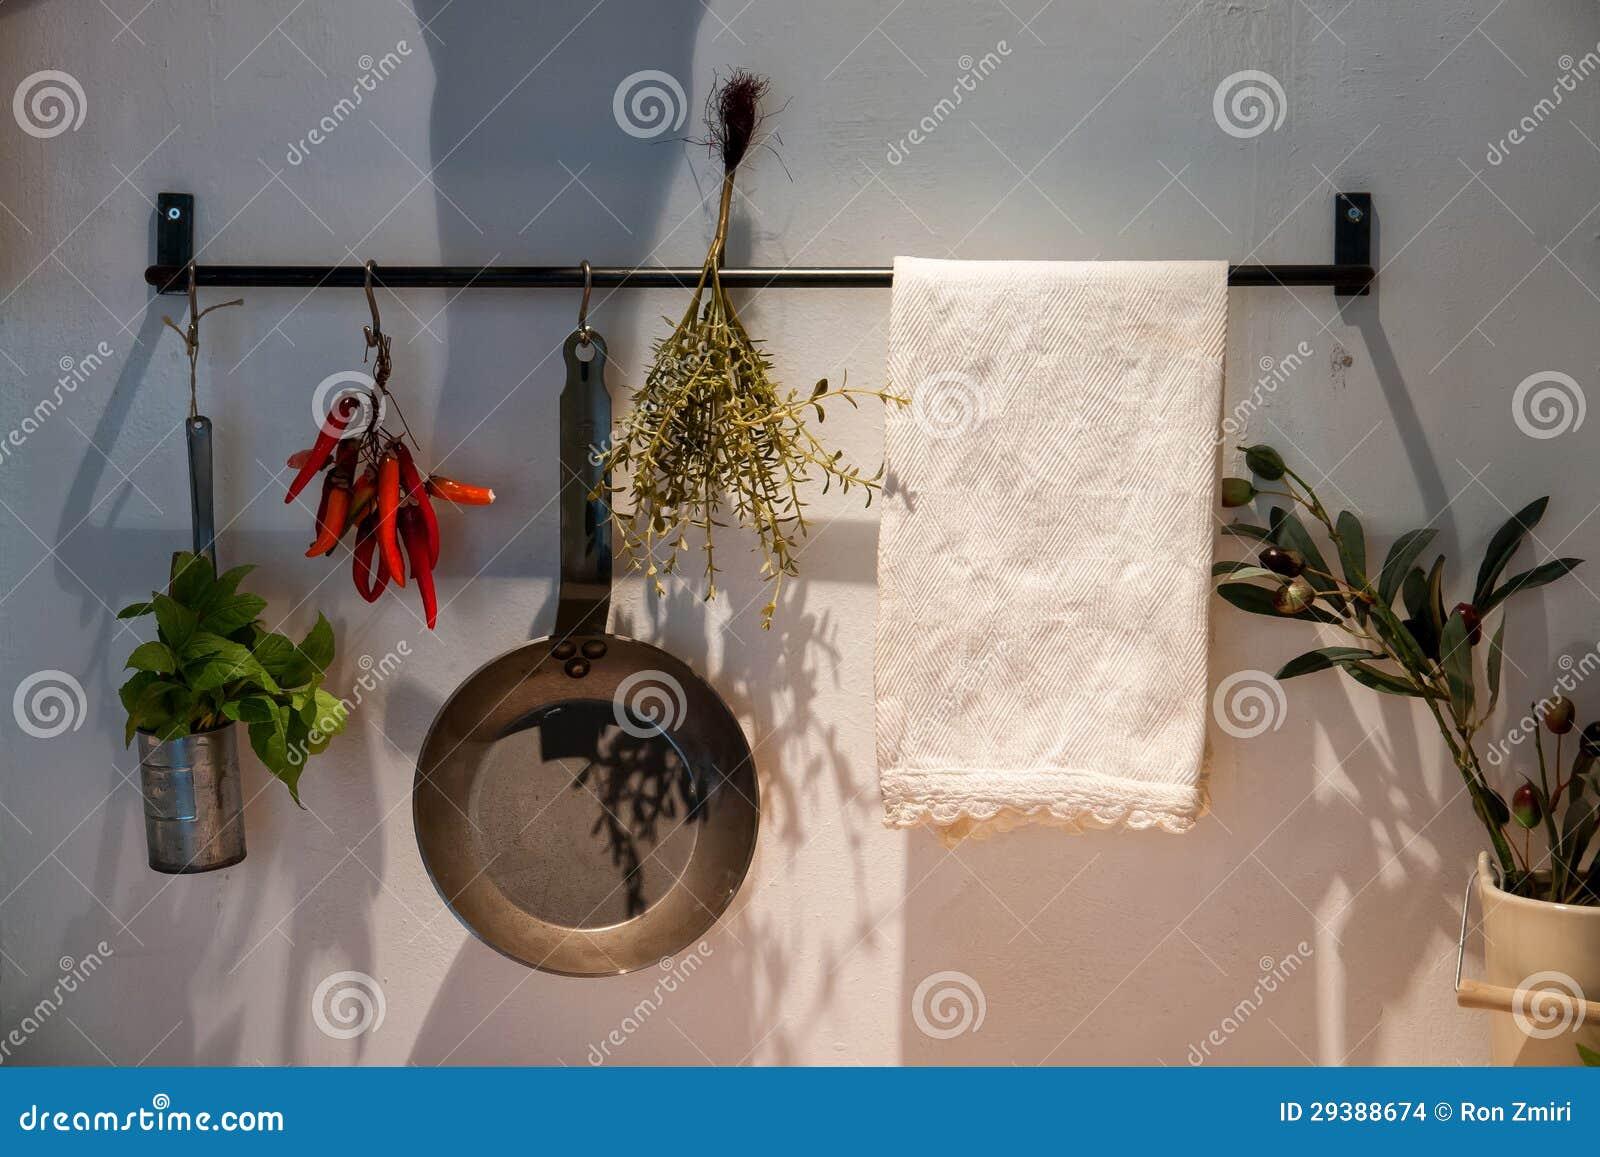 De decoratie van de keuken met het hangen van potten en pannen stock foto afbeelding 29388674 - Decoratie van de villas ...